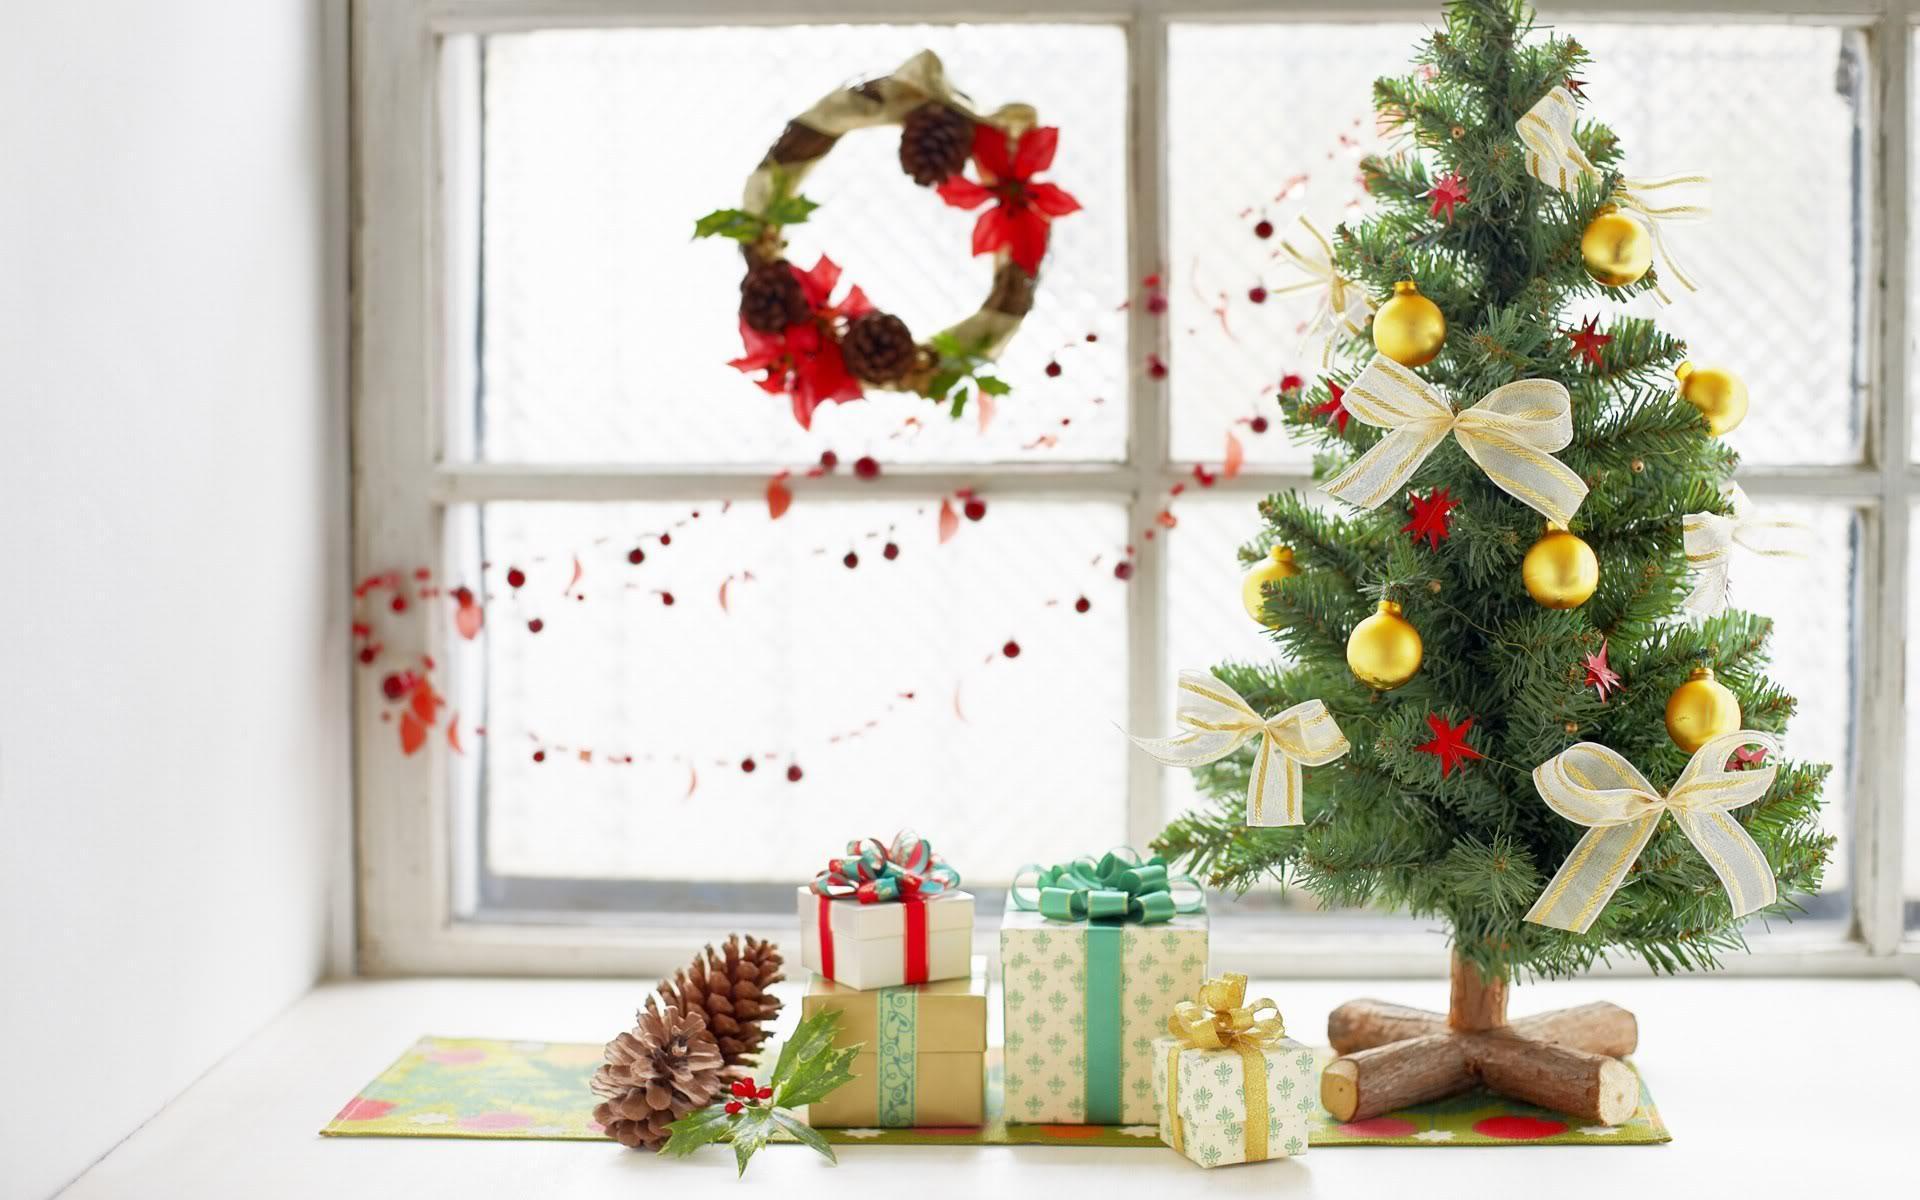 Arbol de navidad y regalos - 1920x1200